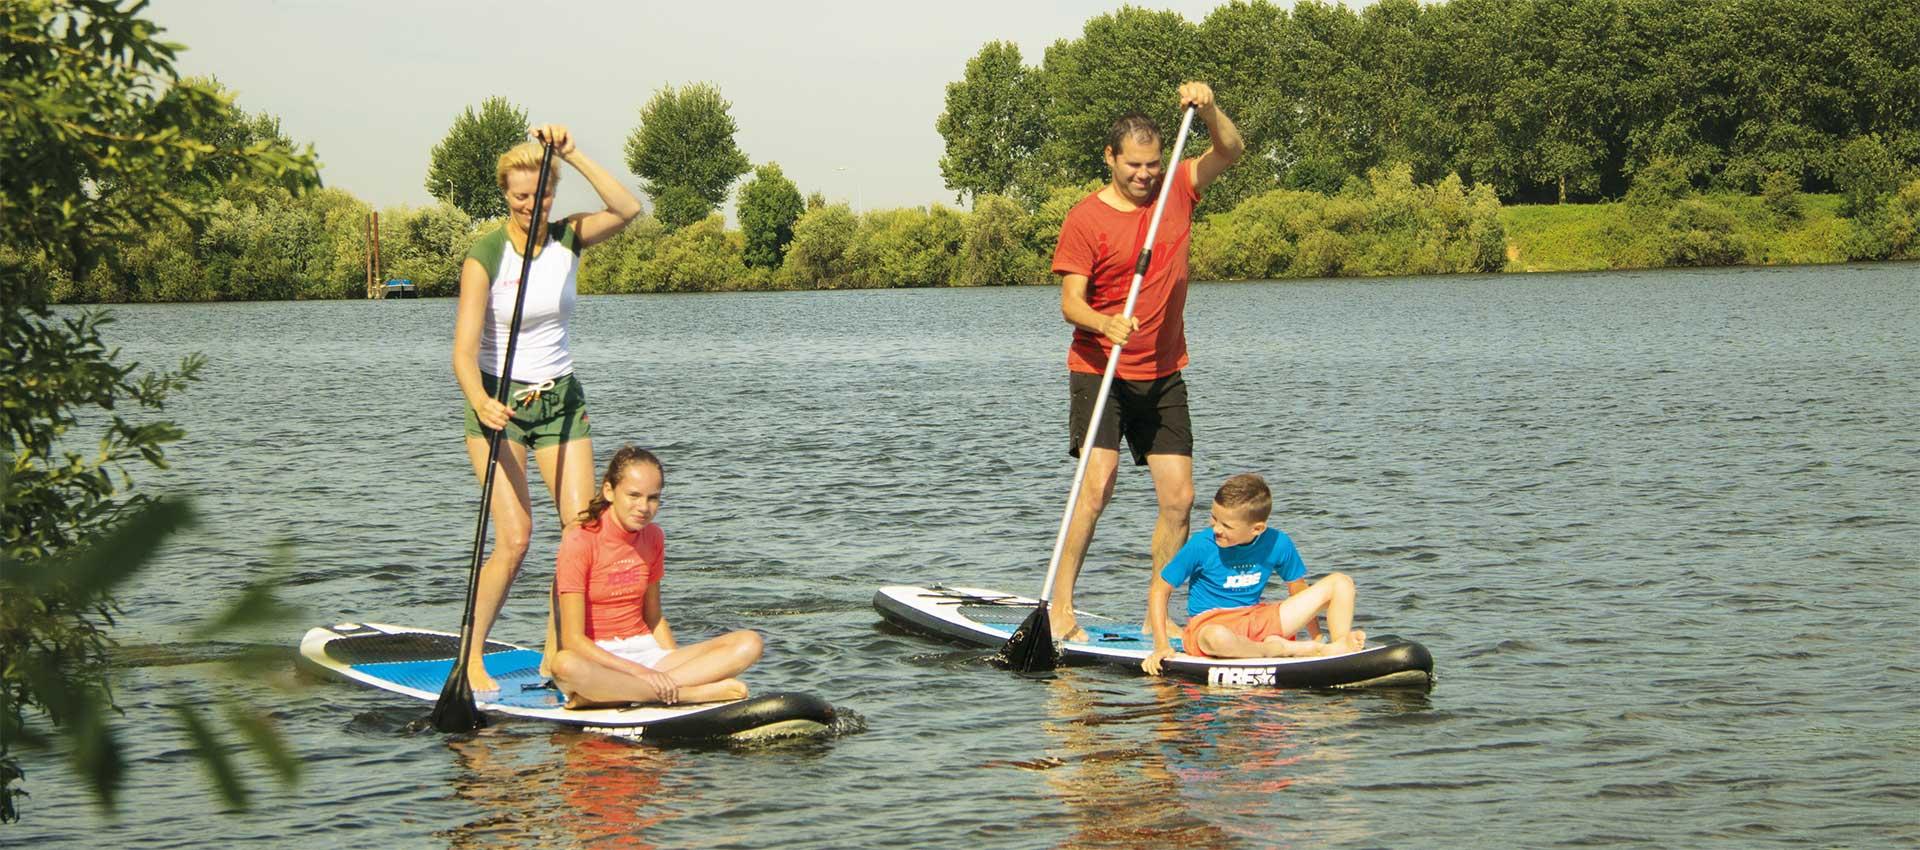 acerca de las tablas de paddle surf hinchables